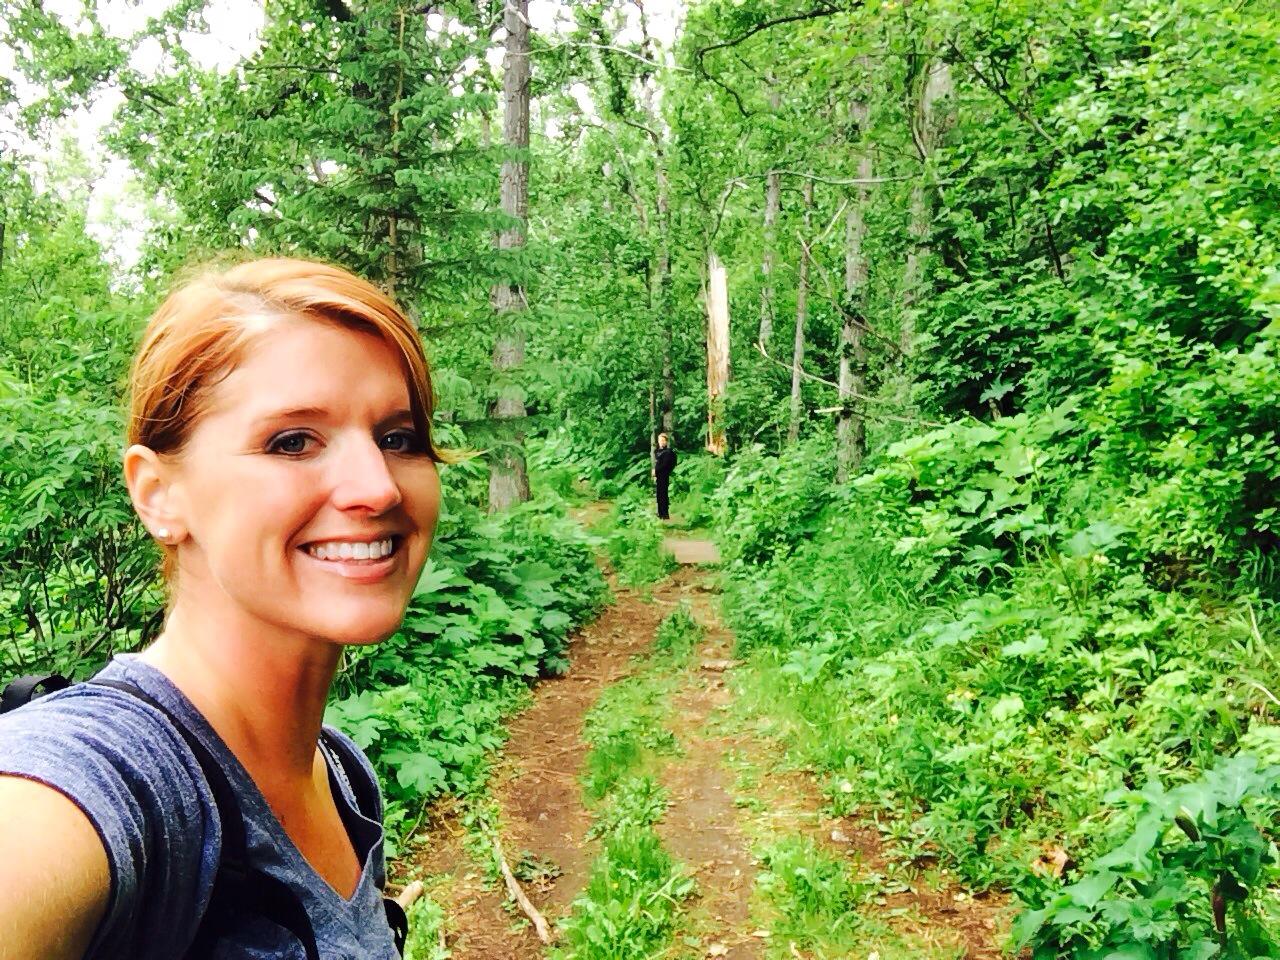 Heather selfie